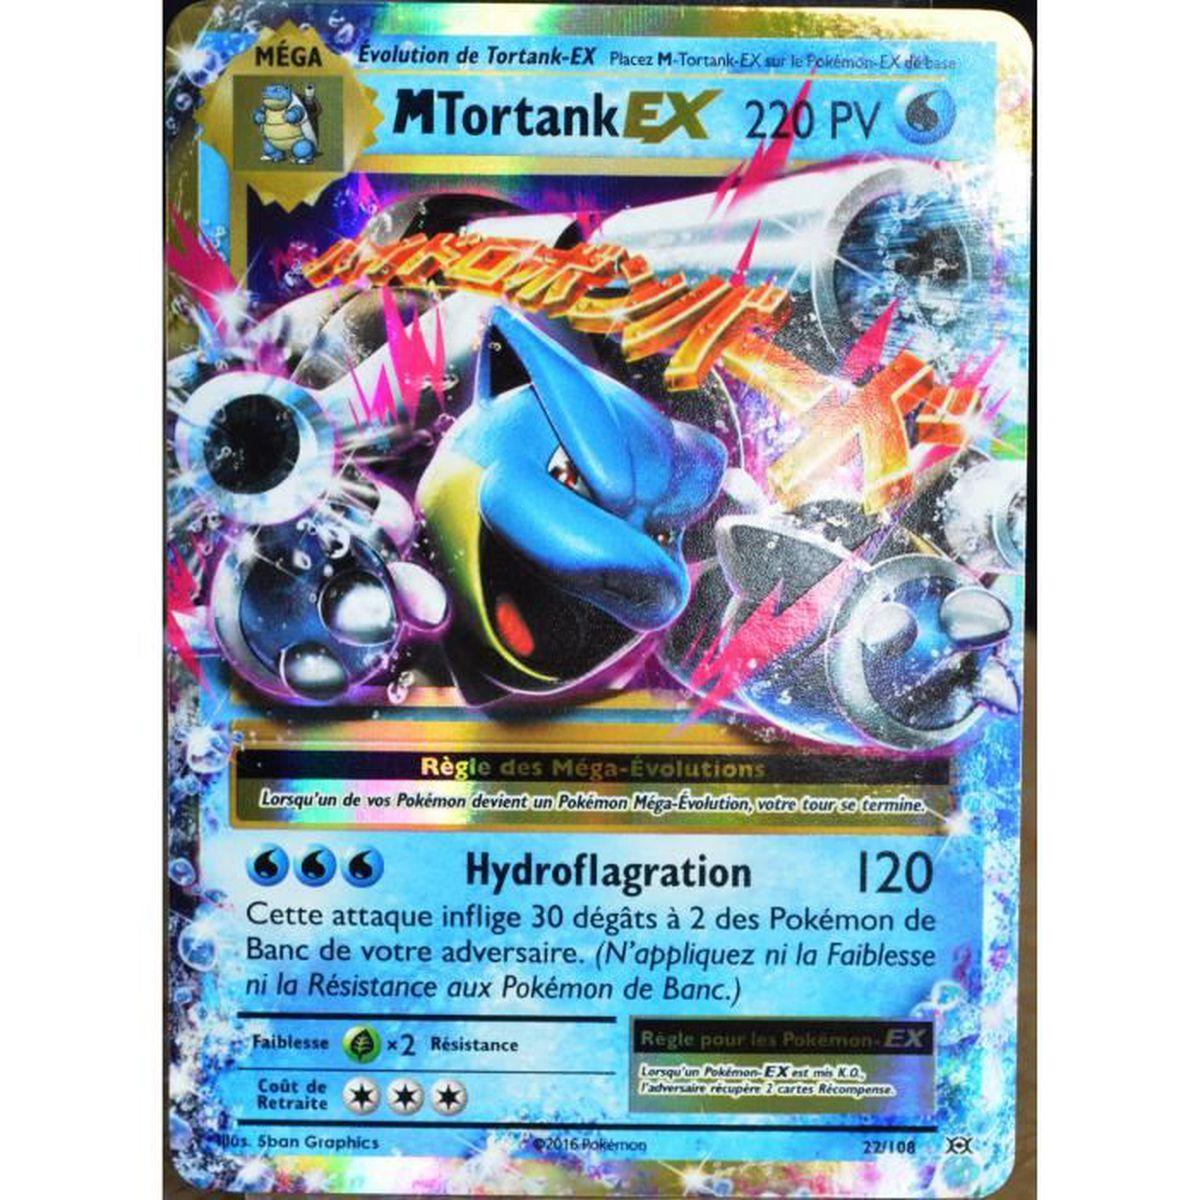 Carte pok mon 22 108 m ga tortank ex 220 pv xy evolutions achat vente carte a - Carte pokemon mega evolution ex ...